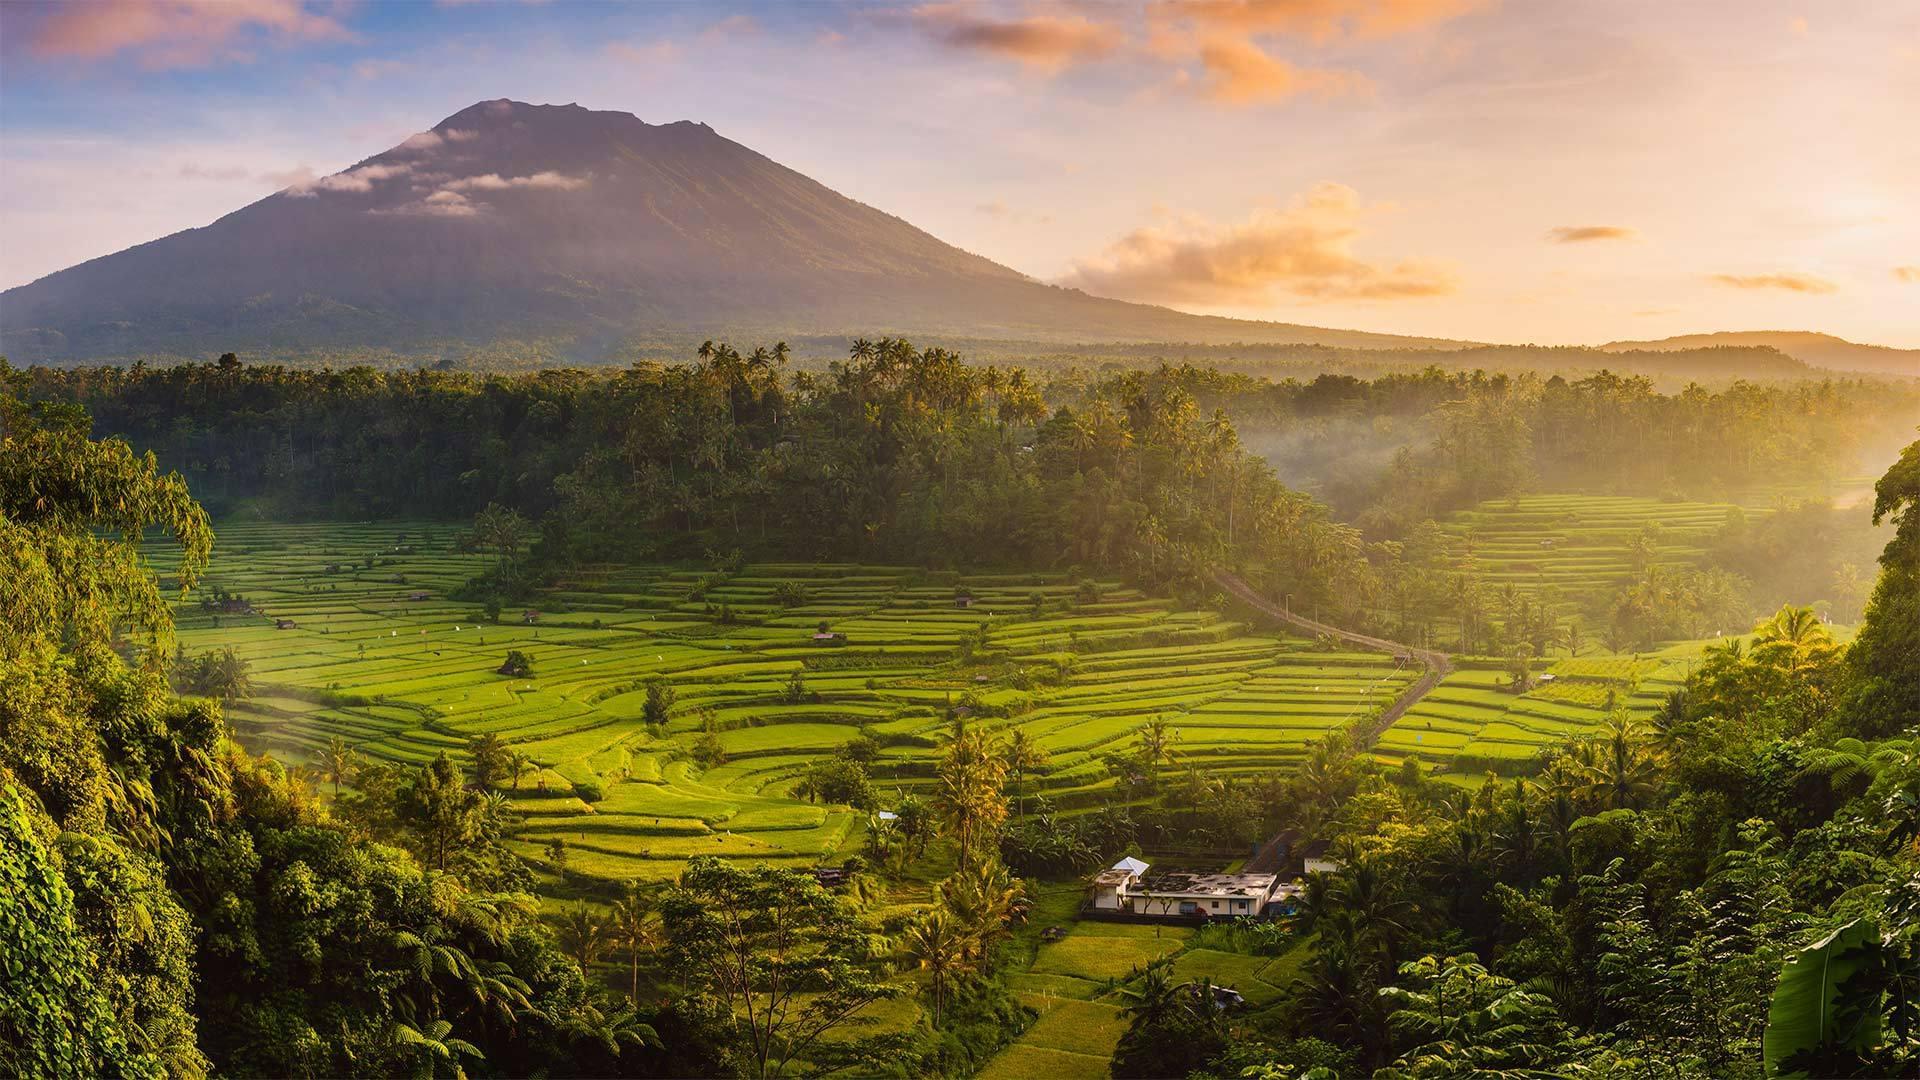 以阿贡火山为背景Sidemen山谷中的稻田阿贡火山